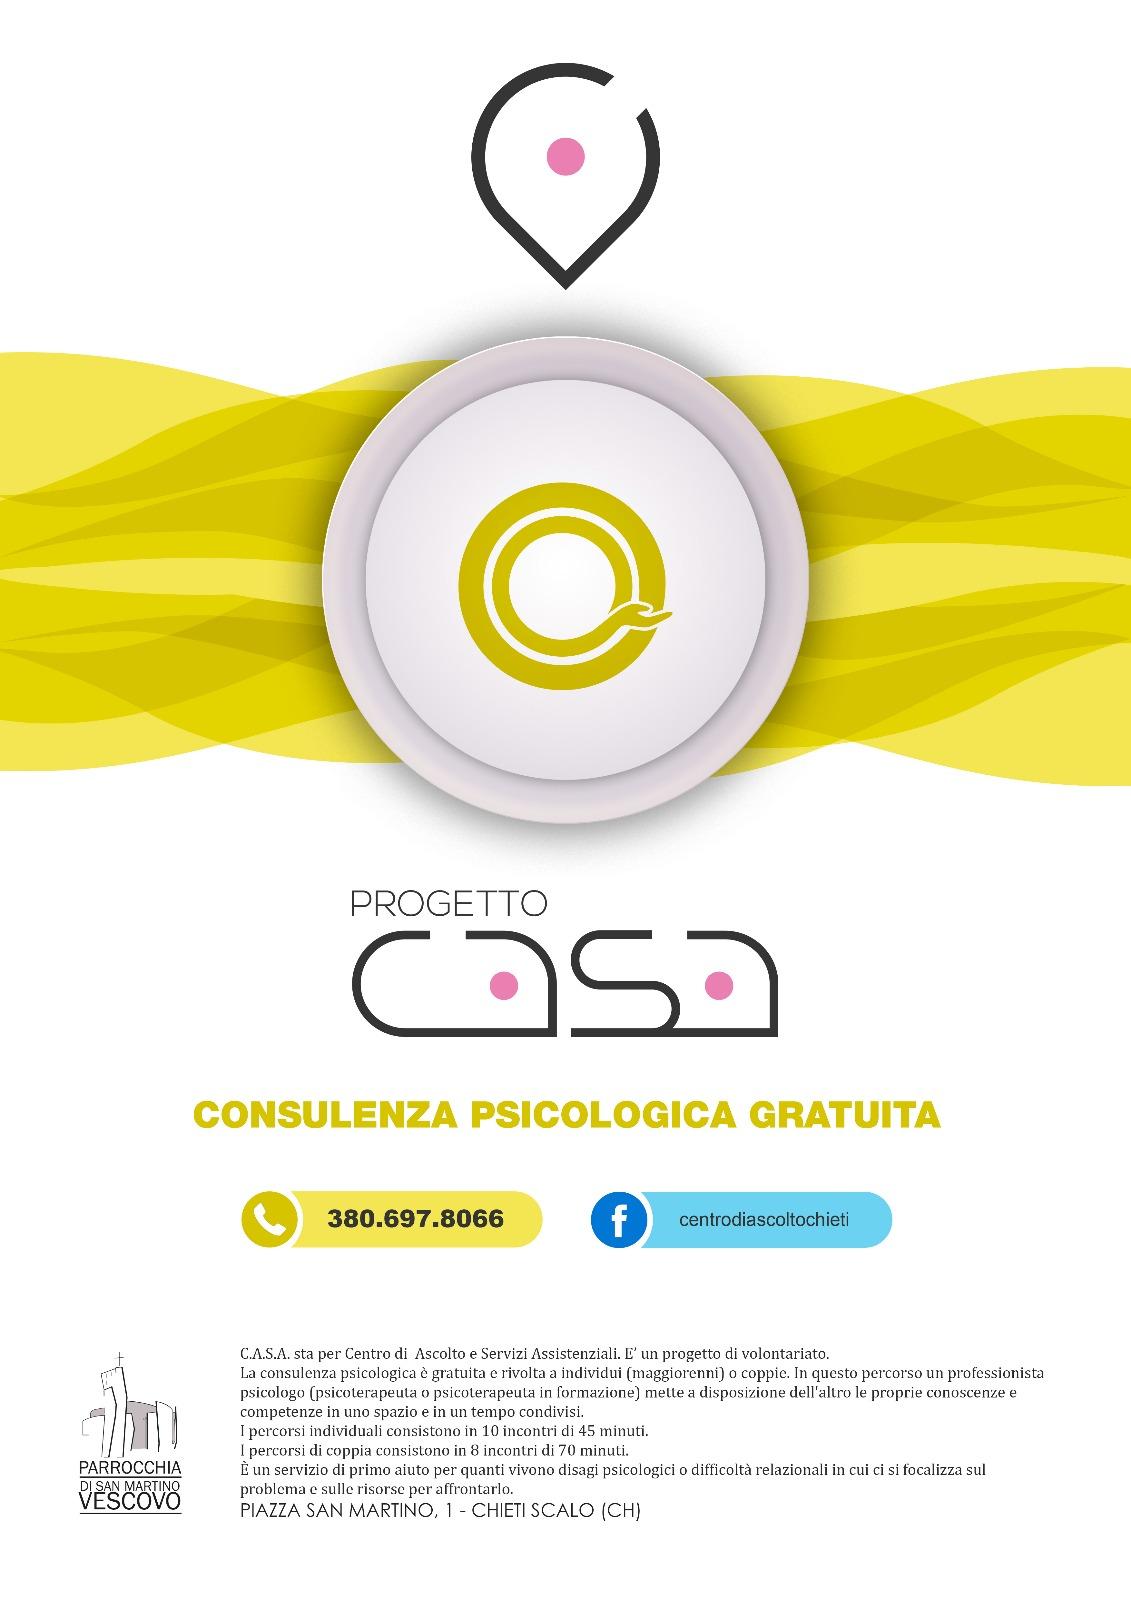 C.A.S.A. (Centro di Ascolto e Servizi Assistenziali)